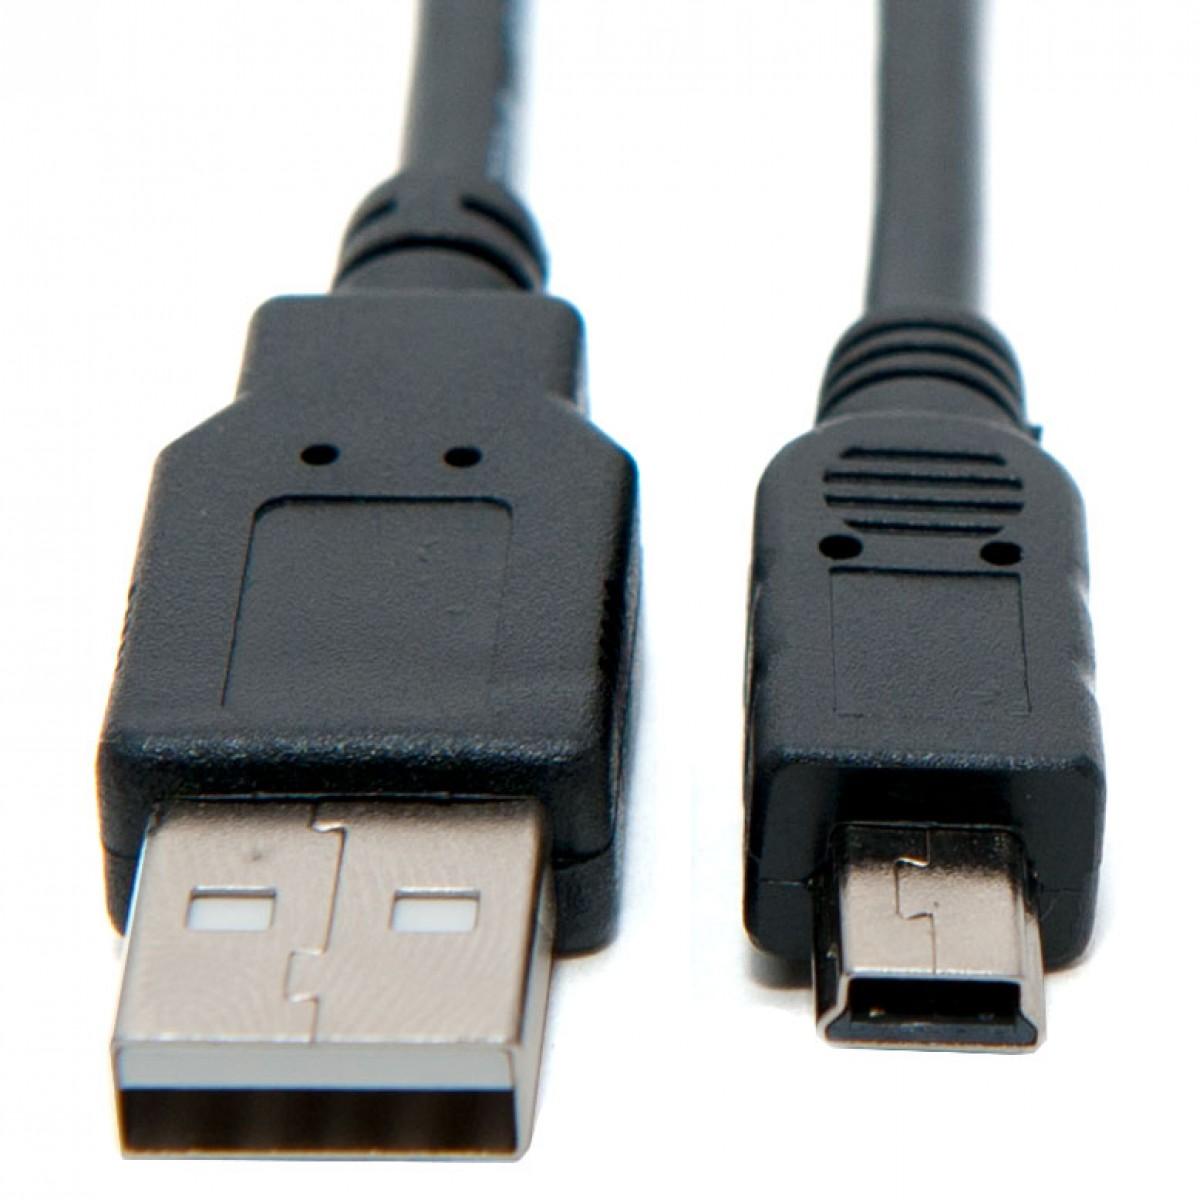 JVC GR-D73 USB DRIVER FREE